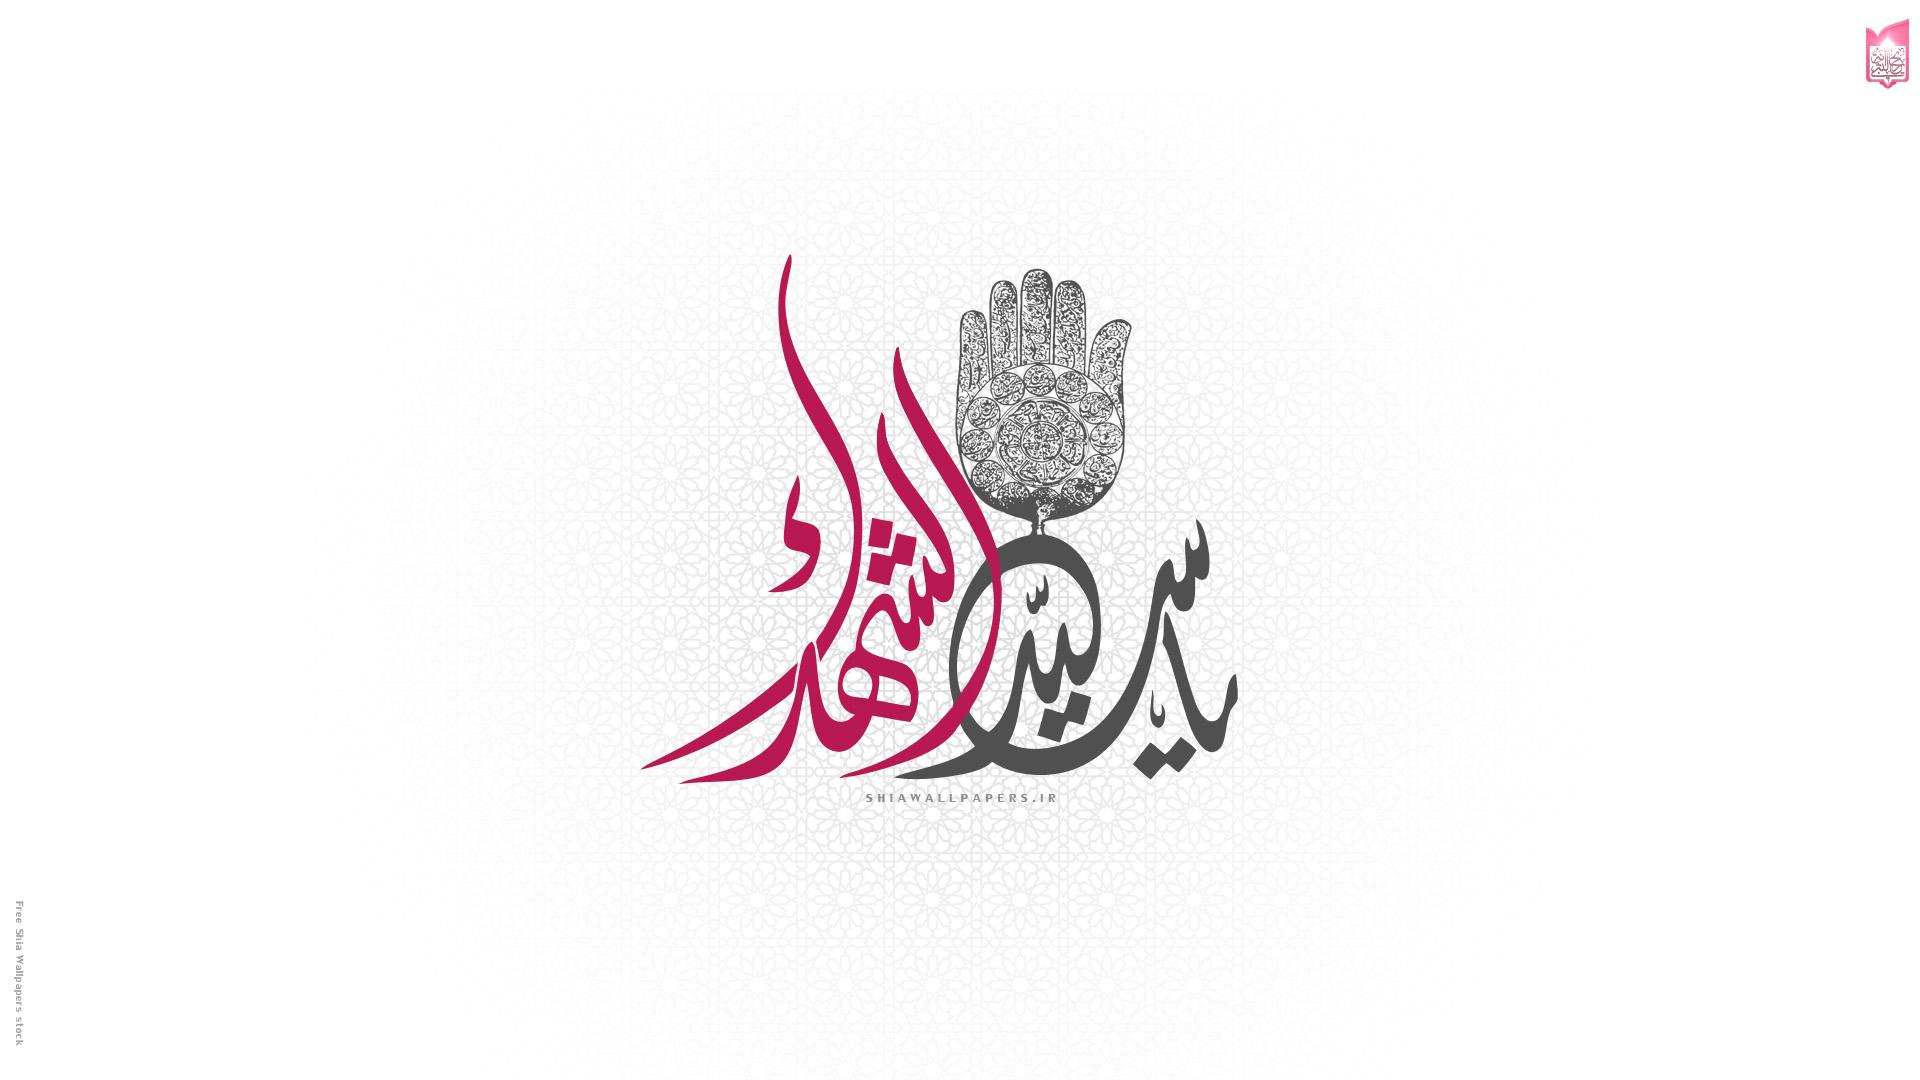 http://rozup.ir/up/mjbasaer/Post/1394/Moharram/Backgrounds/33.jpg